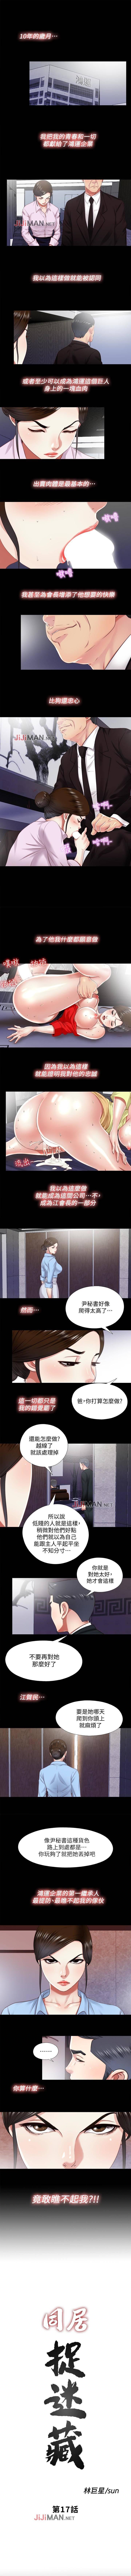 【已完结】同居捉迷藏(作者:林巨星) 第1~30话 67